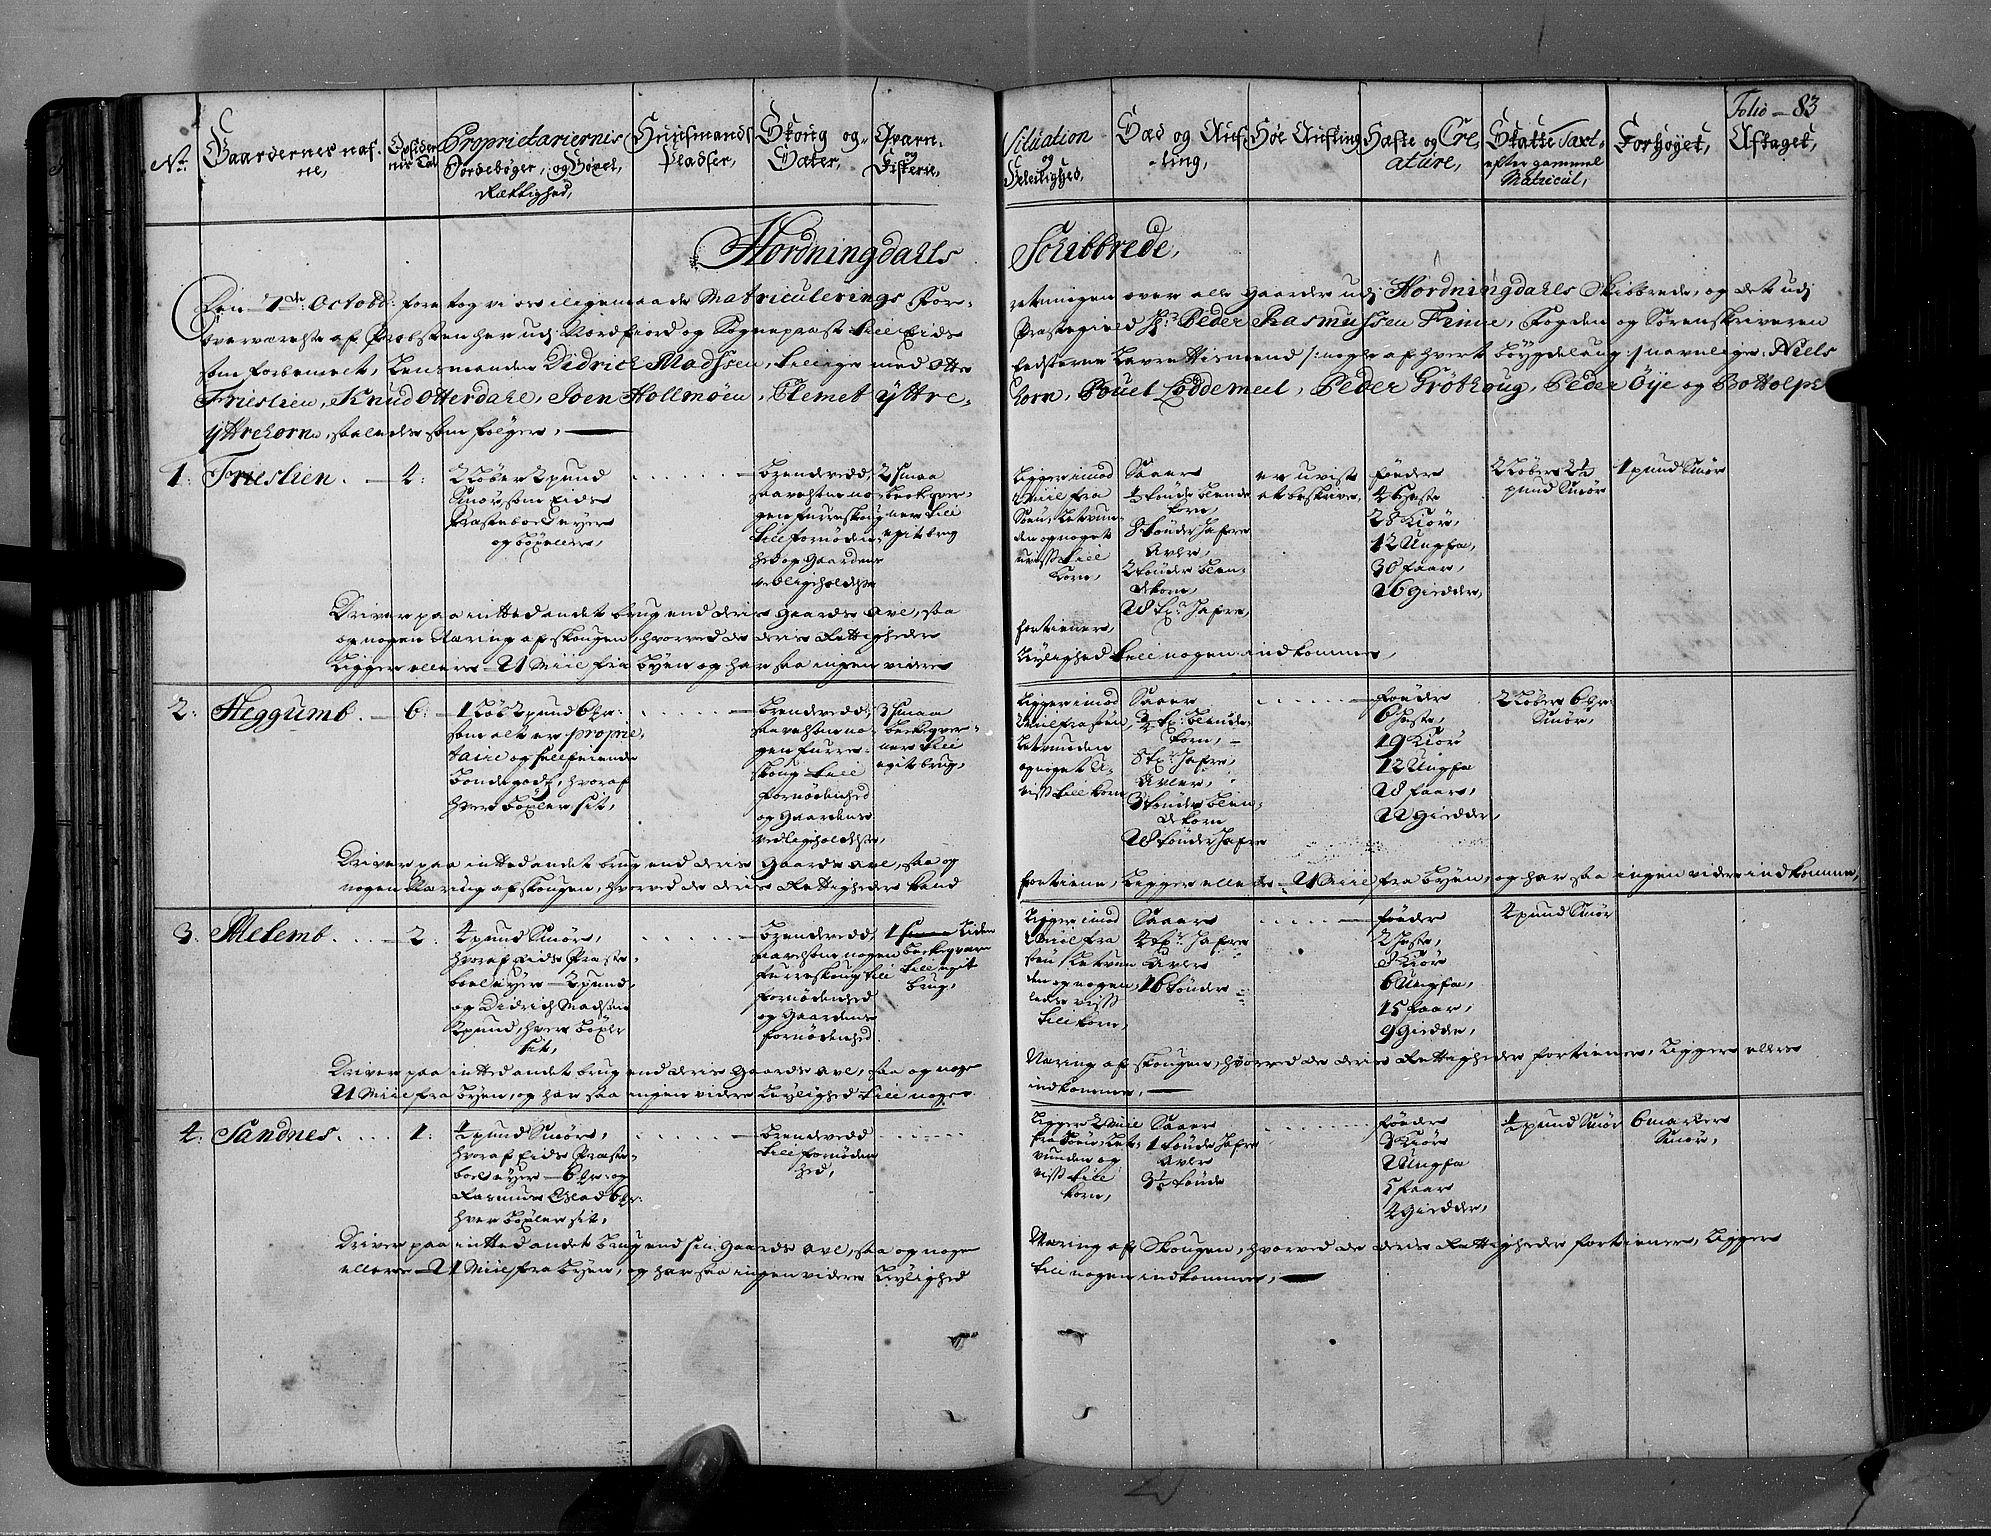 RA, Rentekammeret inntil 1814, Realistisk ordnet avdeling, N/Nb/Nbf/L0146: Sunnfjord og Nordfjord eksaminasjonsprotokoll, 1723, s. 82b-83a